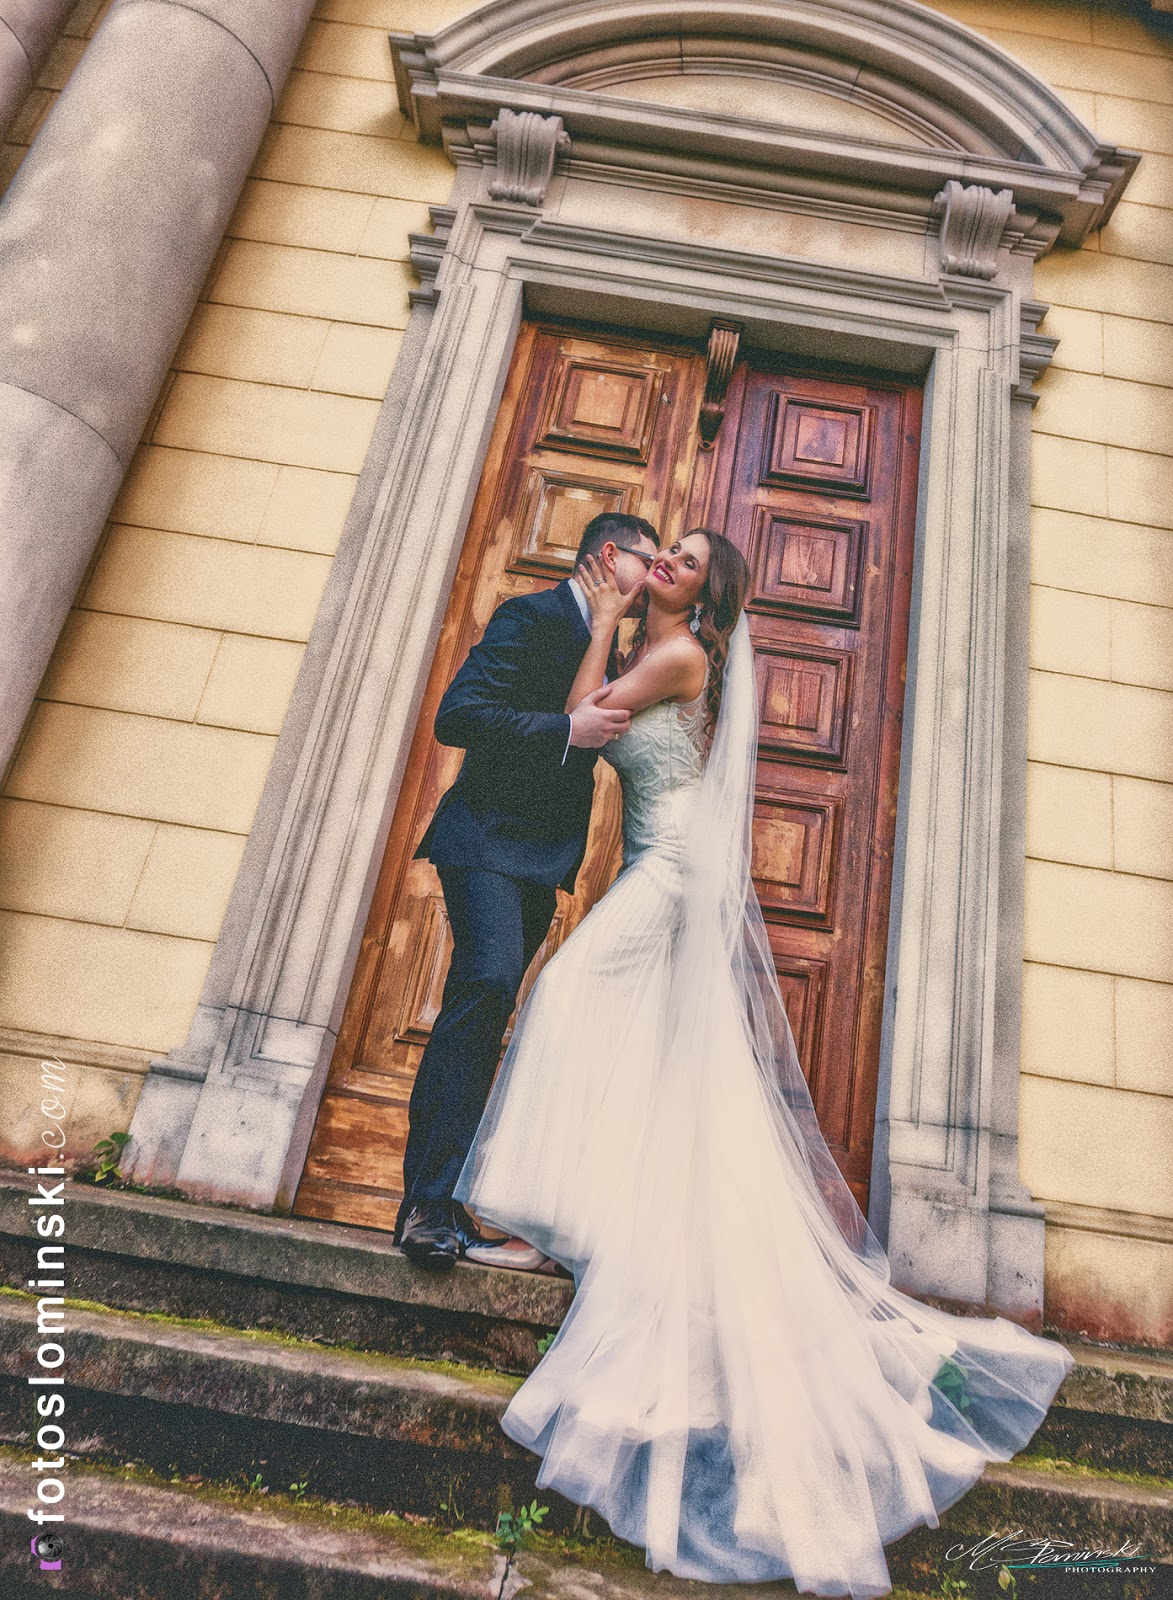 Wyjątkowo pięknie i romantycznie - Fotografia ślubna M.Słomiński